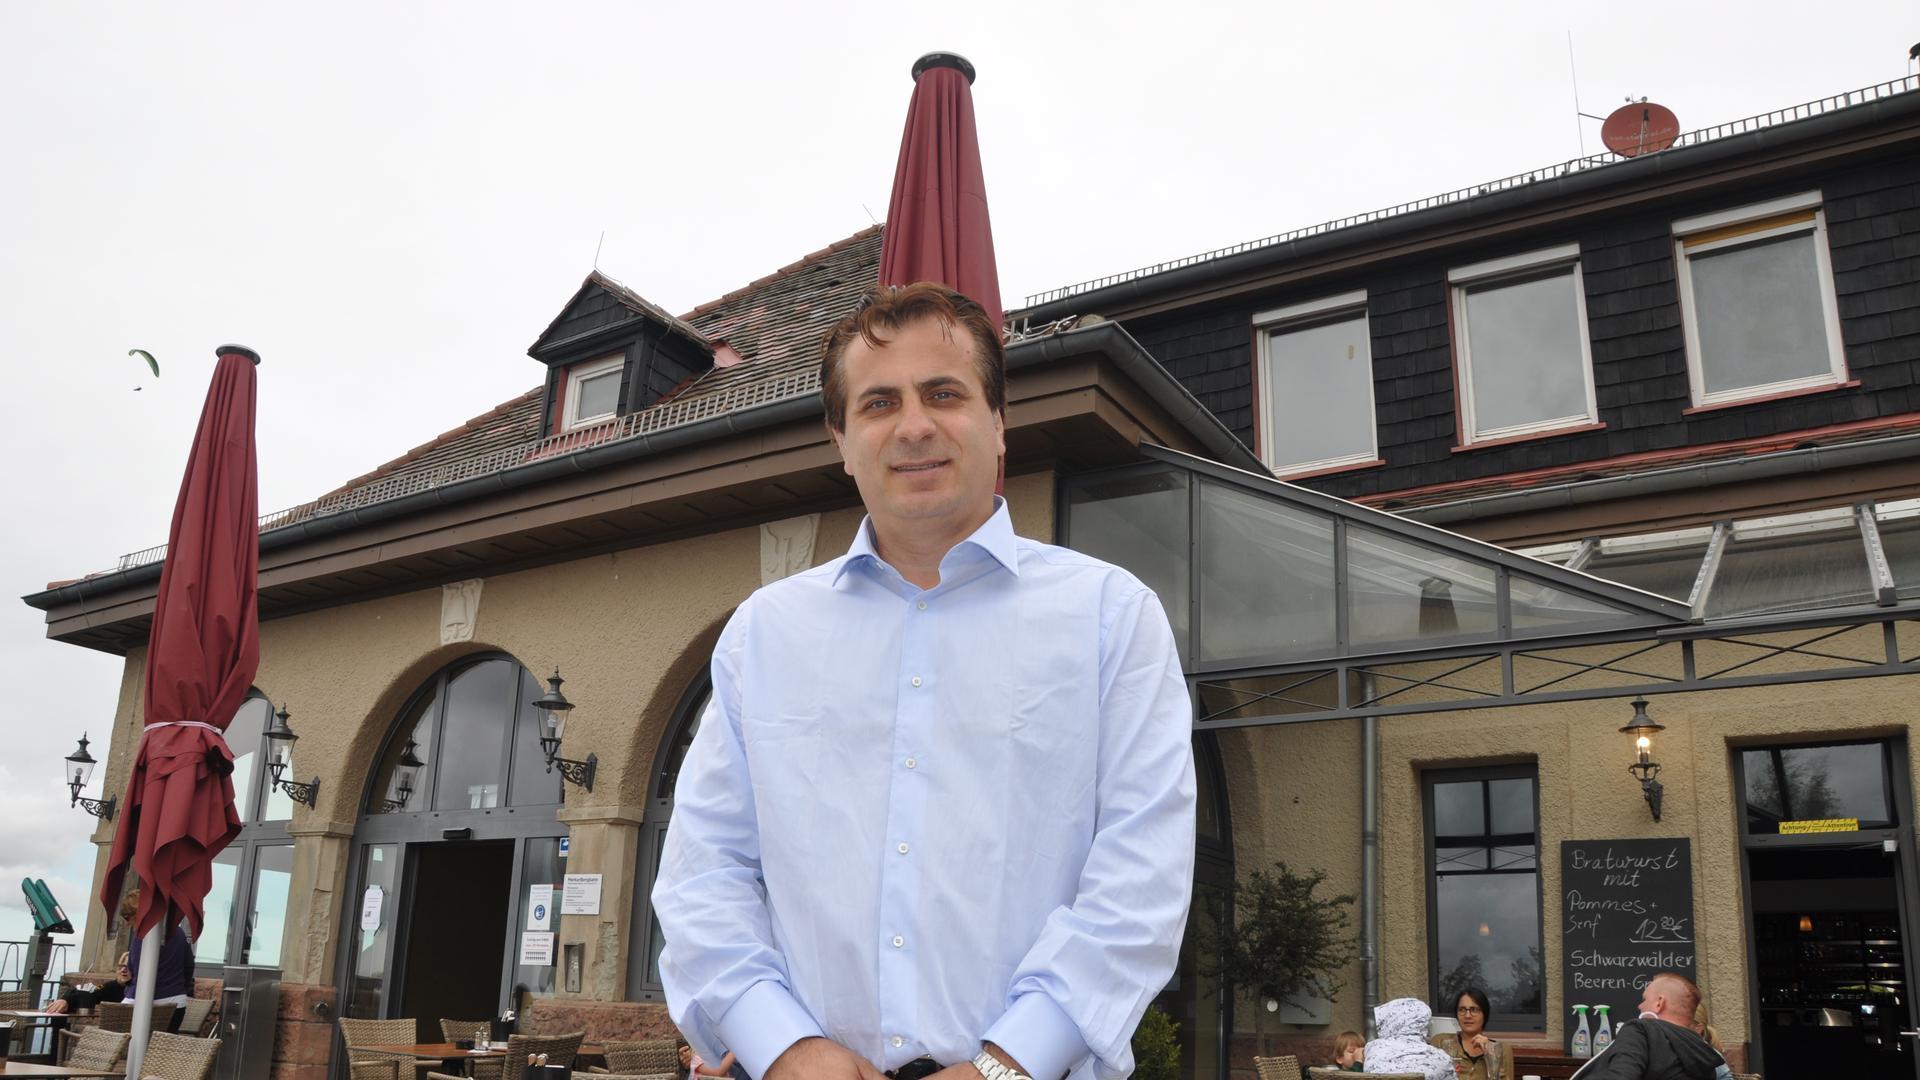 Neuer Pächter: Lulzim Beqiri vor dem Merkurstüble in Baden-Baden